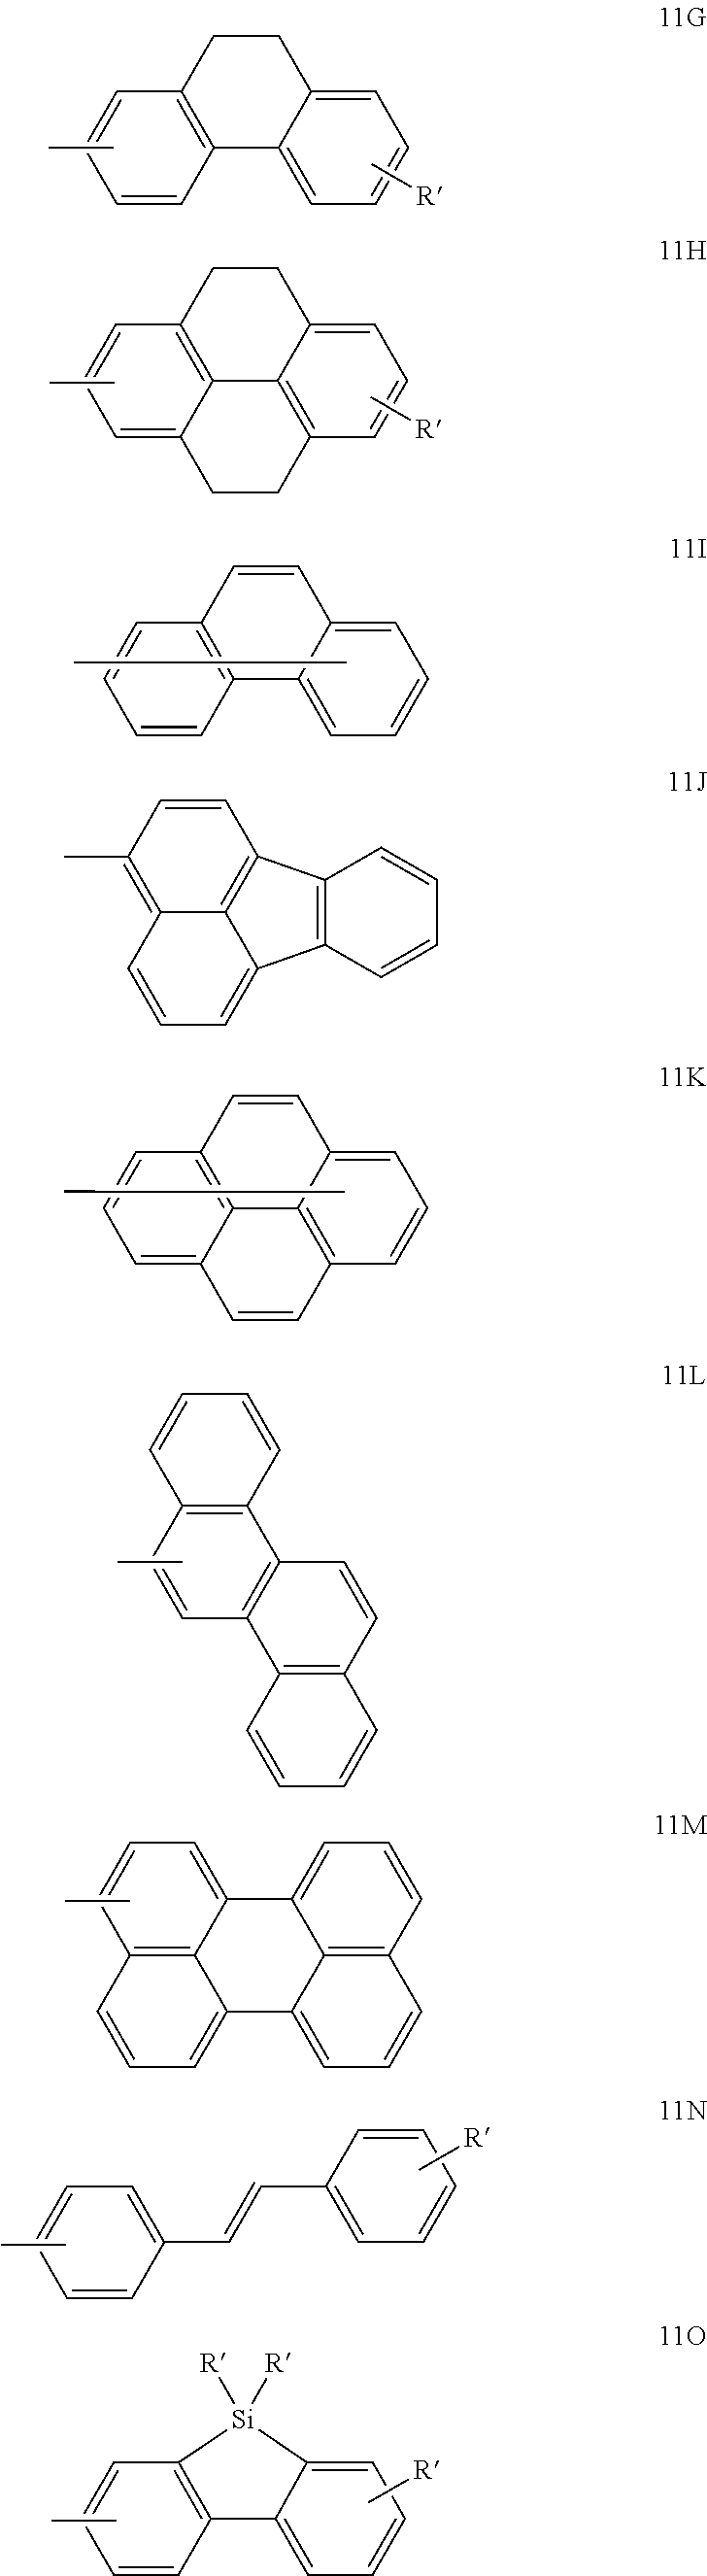 Figure US07875367-20110125-C00014